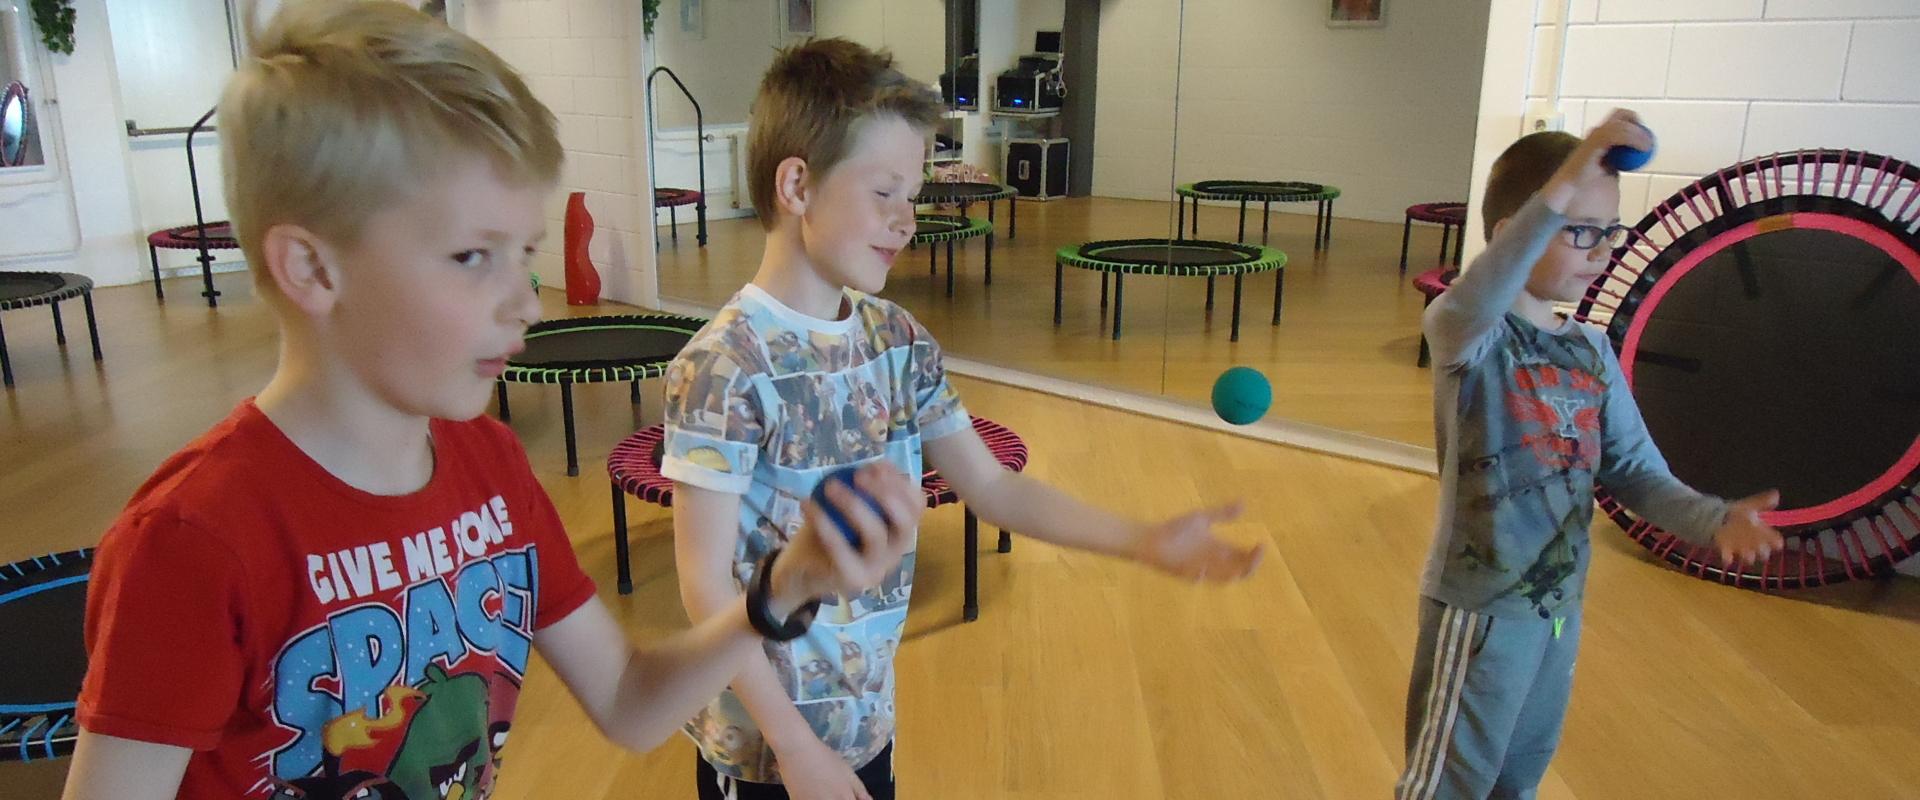 Tafels leren met beweging; effectief en leuk!